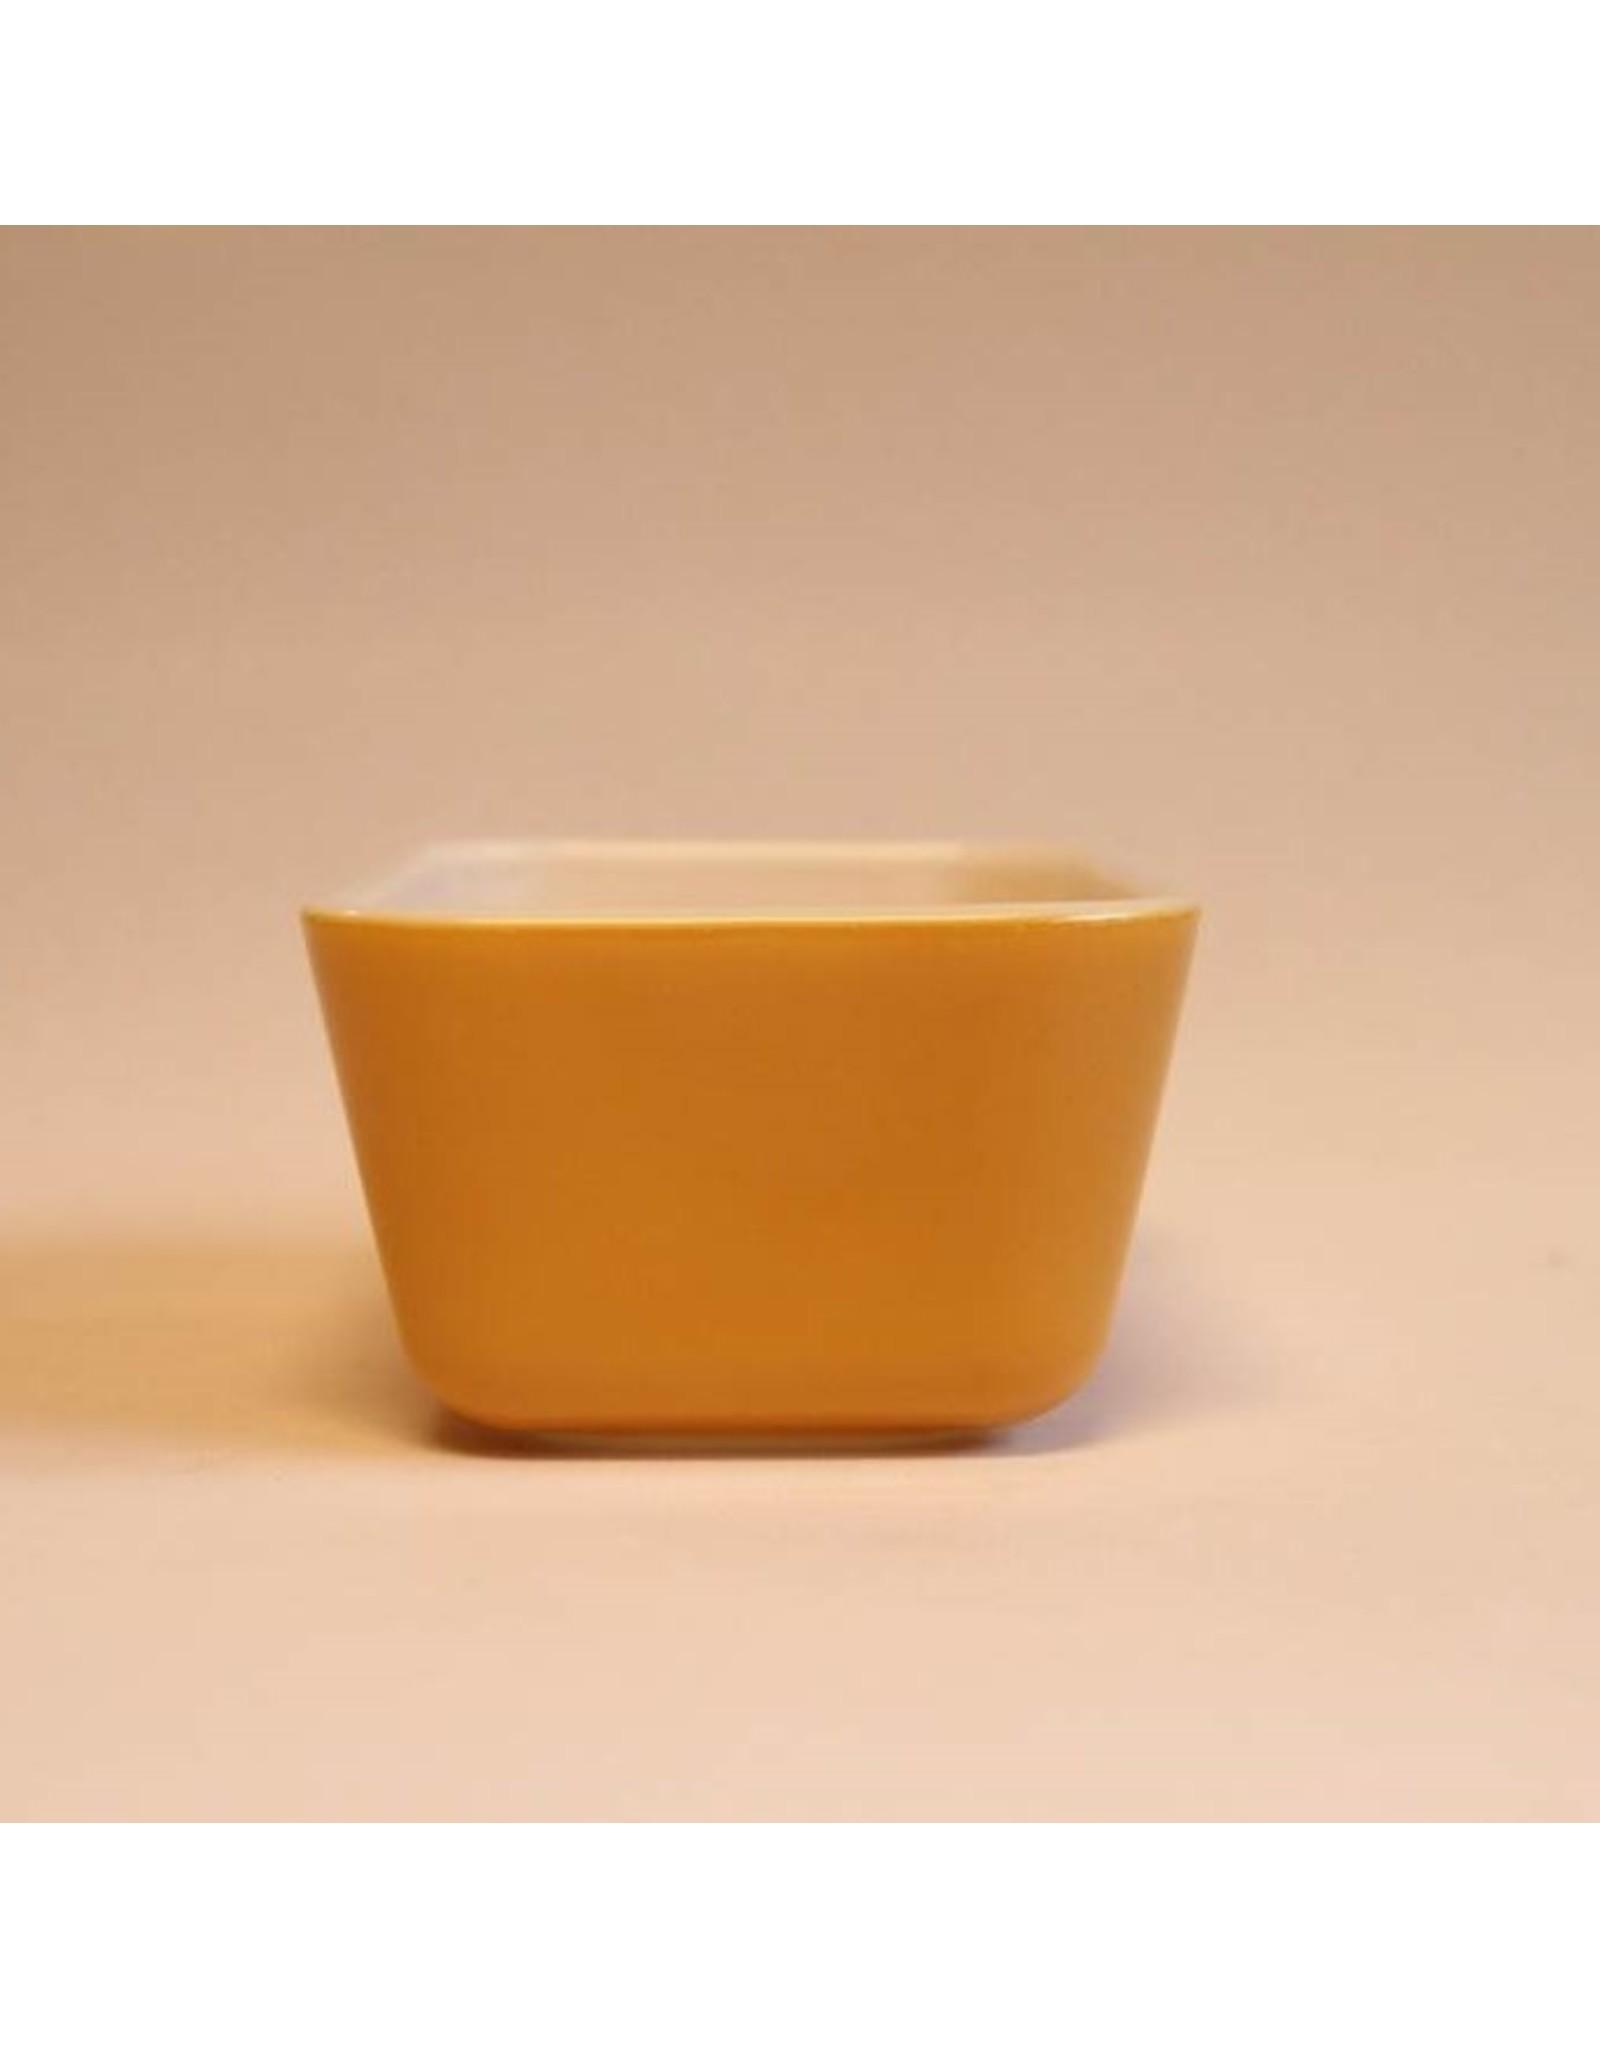 Pyrex - Butterfly Gold fridgie no lid